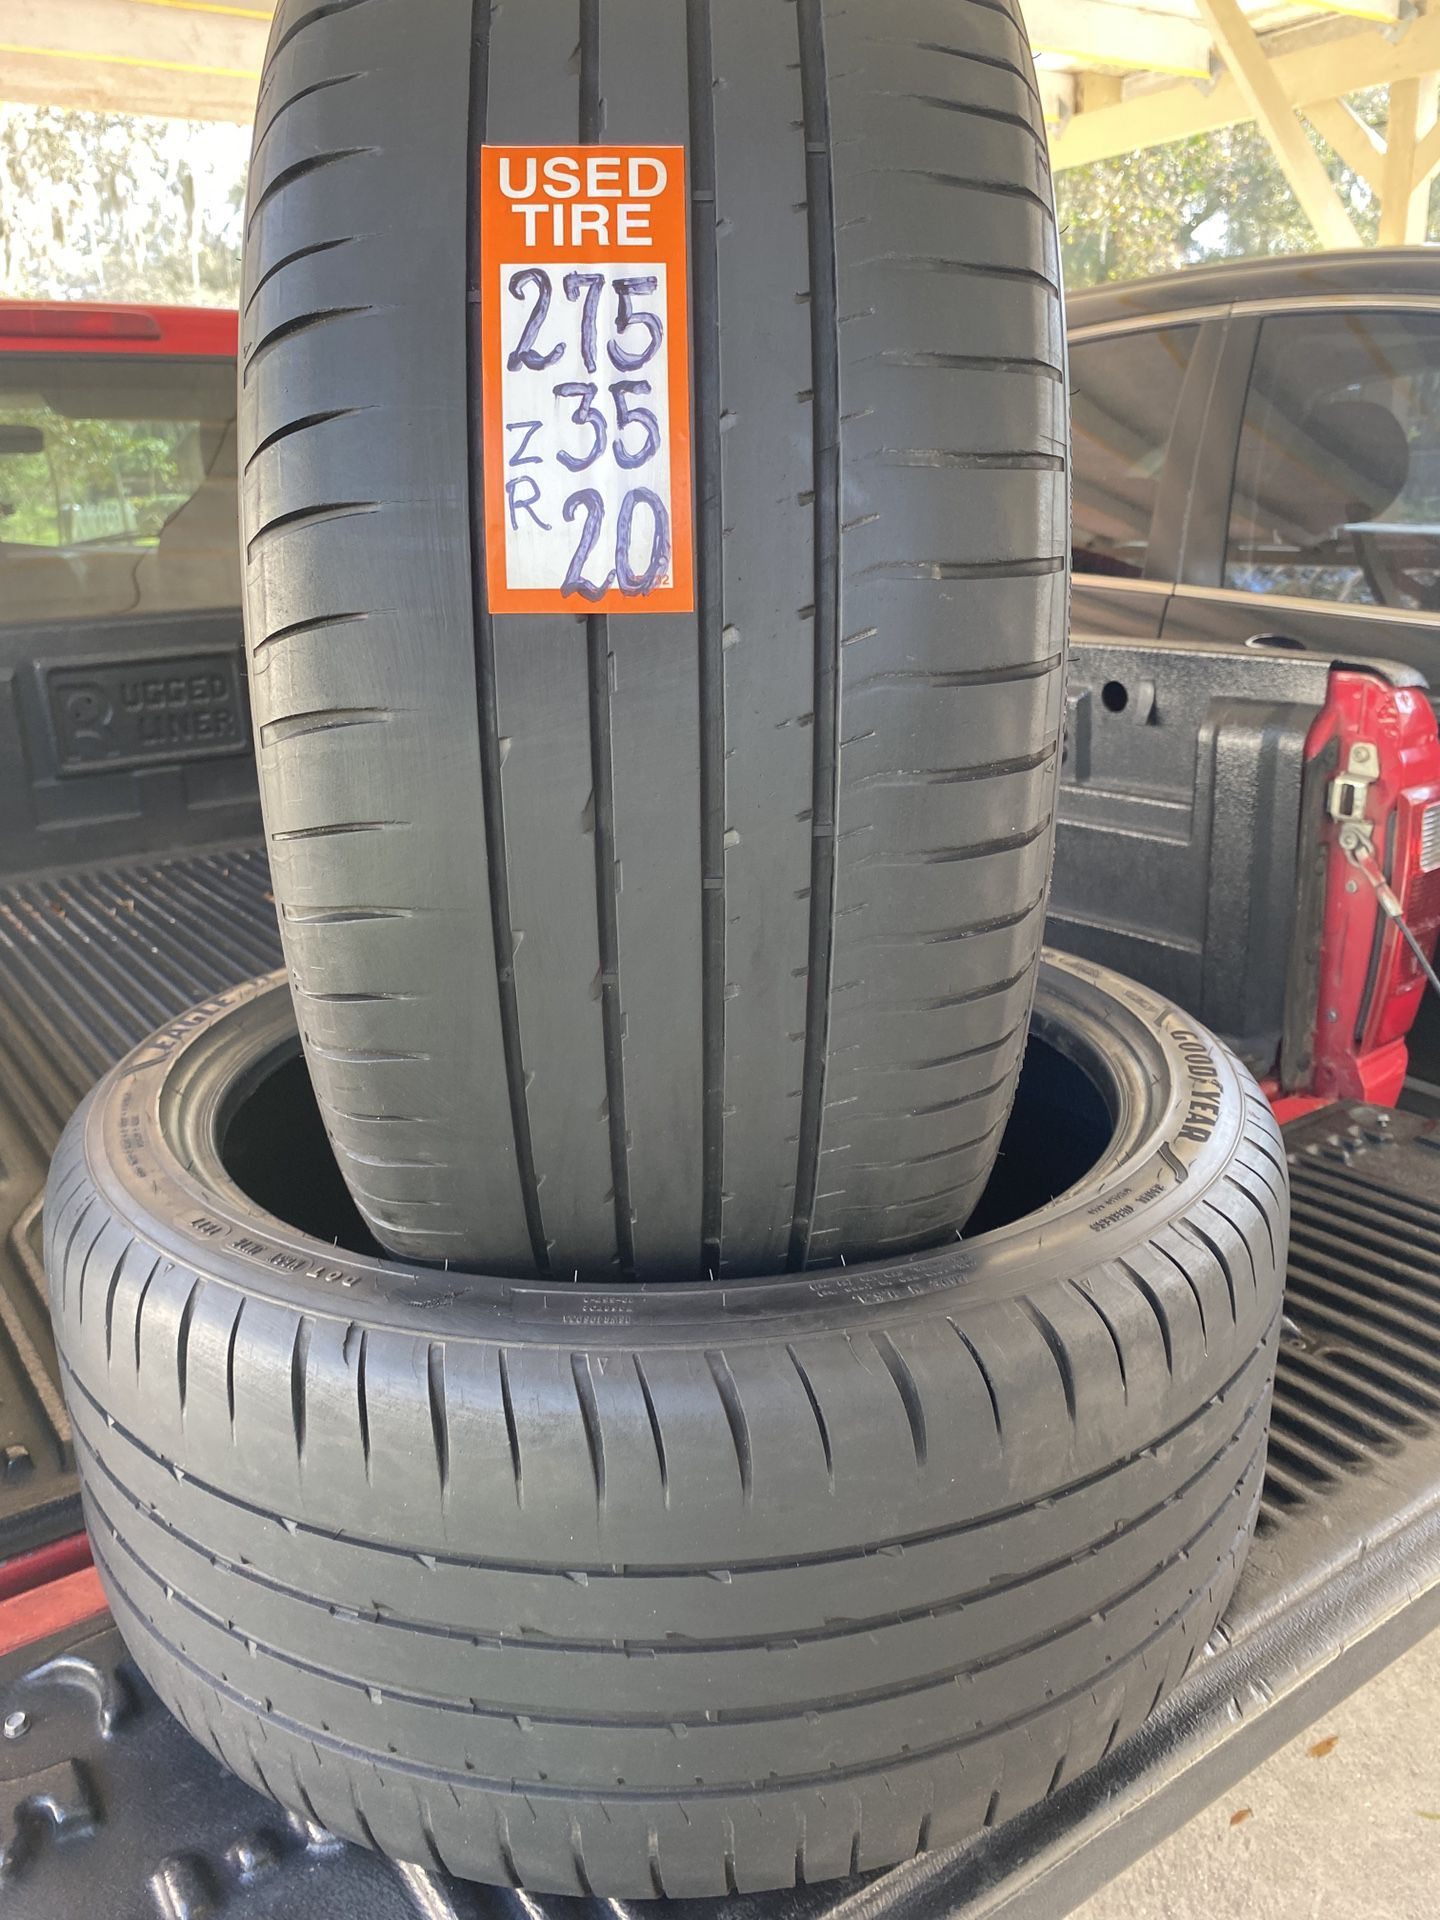 275-35-ZR20 2tires Goodyear F1 Asimetric Run Flat 70% Life Not Repairs Fresh